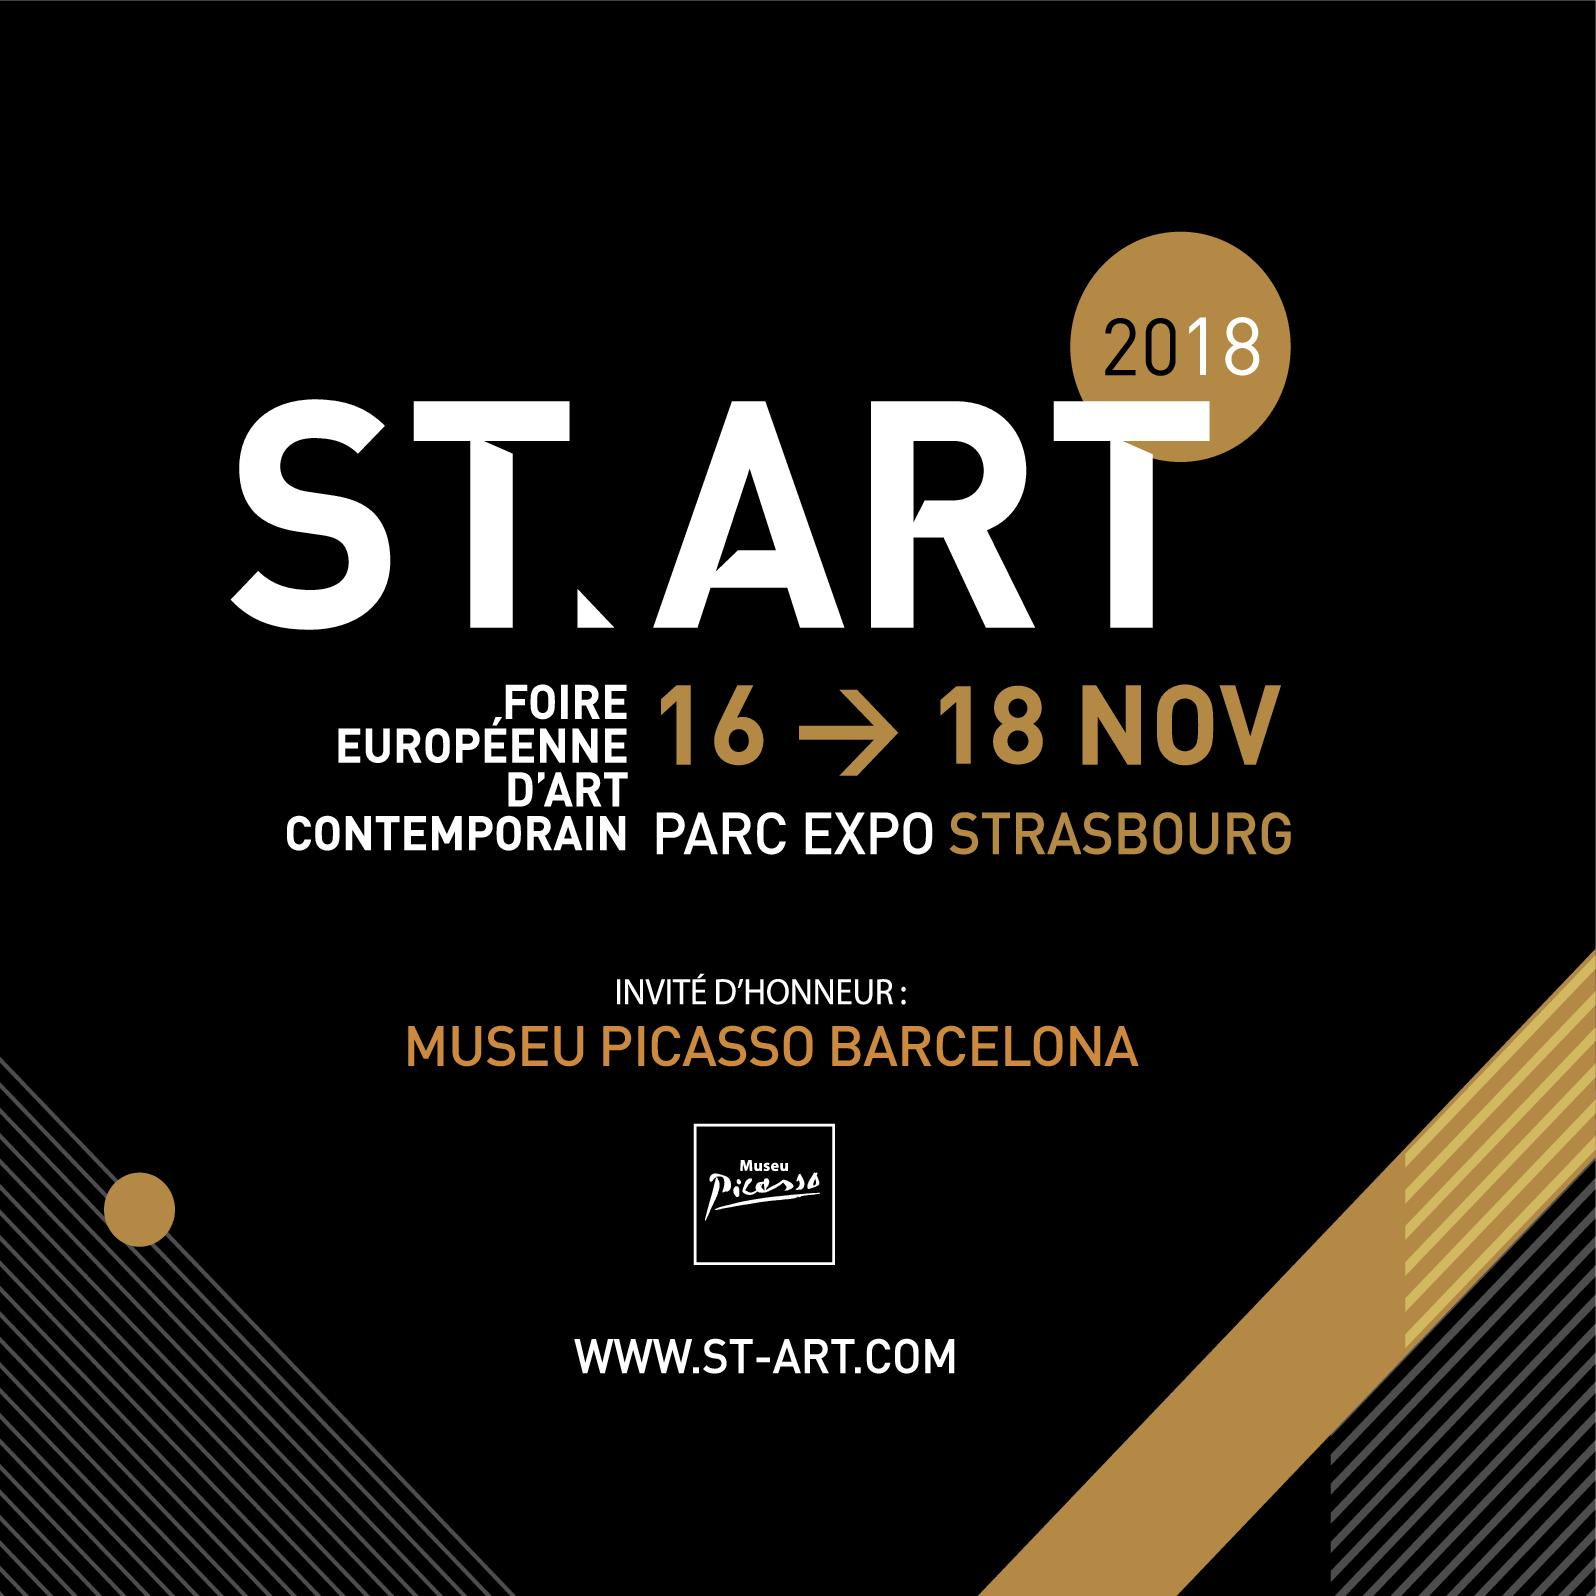 Calaméo - Start 2018 Catalogue